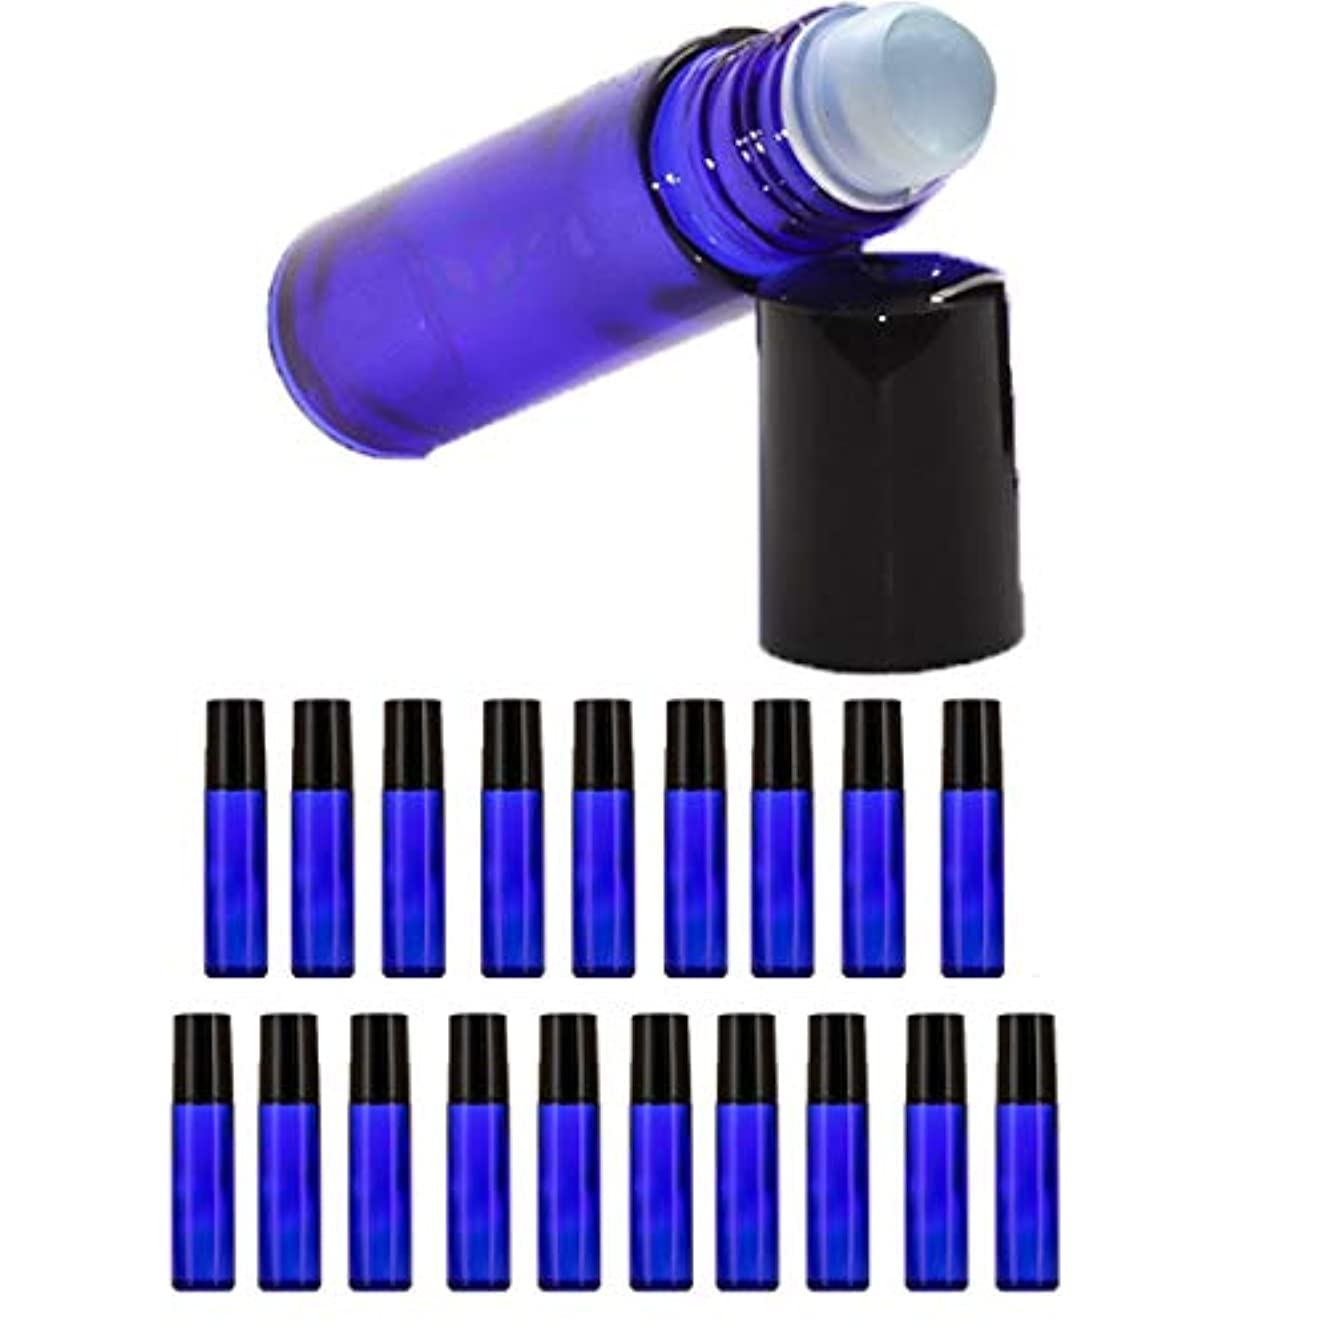 エリートさておき無【Nanmara】ロールオンボトル 10ml 20個セット 遮光瓶 小分け ガラスボトル 詰め替え 容器 エッセンシャルオイル 遮光ビン 青色 ブルー (20個セット)